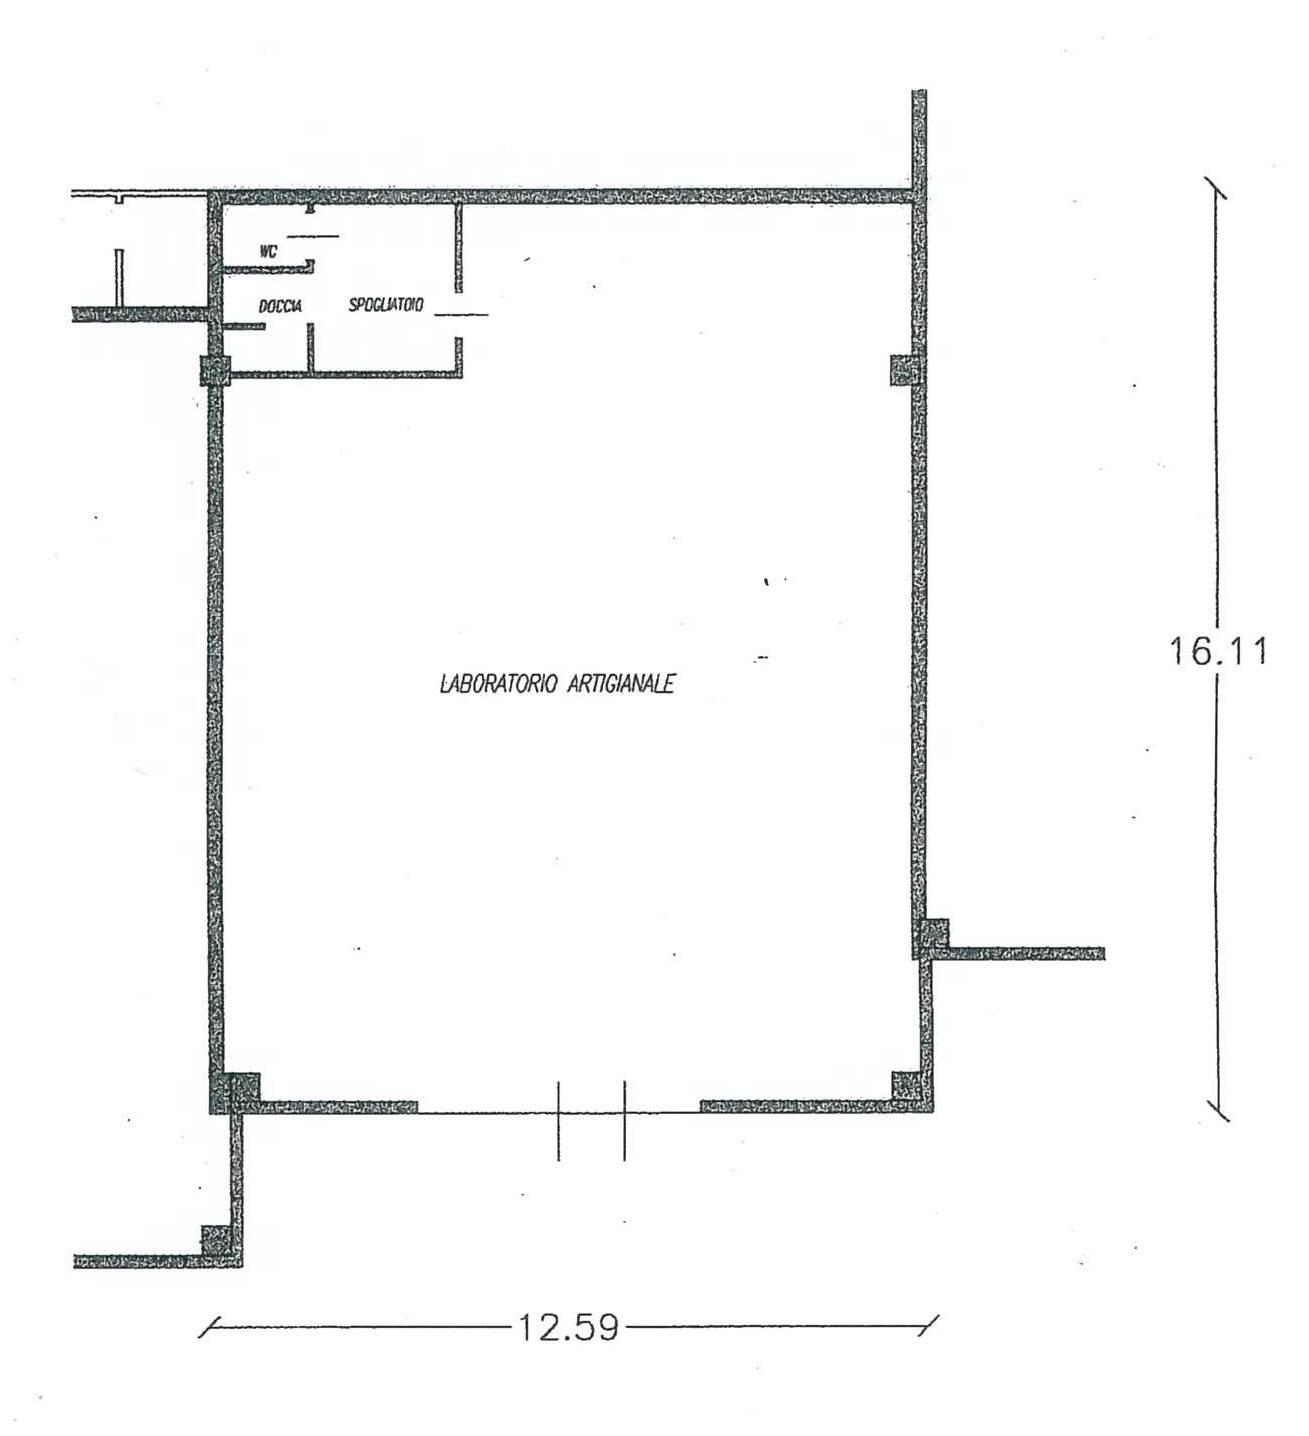 Laboratorio in vendita a Riva del Garda, 9999 locali, zona Zona: Riva, prezzo € 155.000 | CambioCasa.it